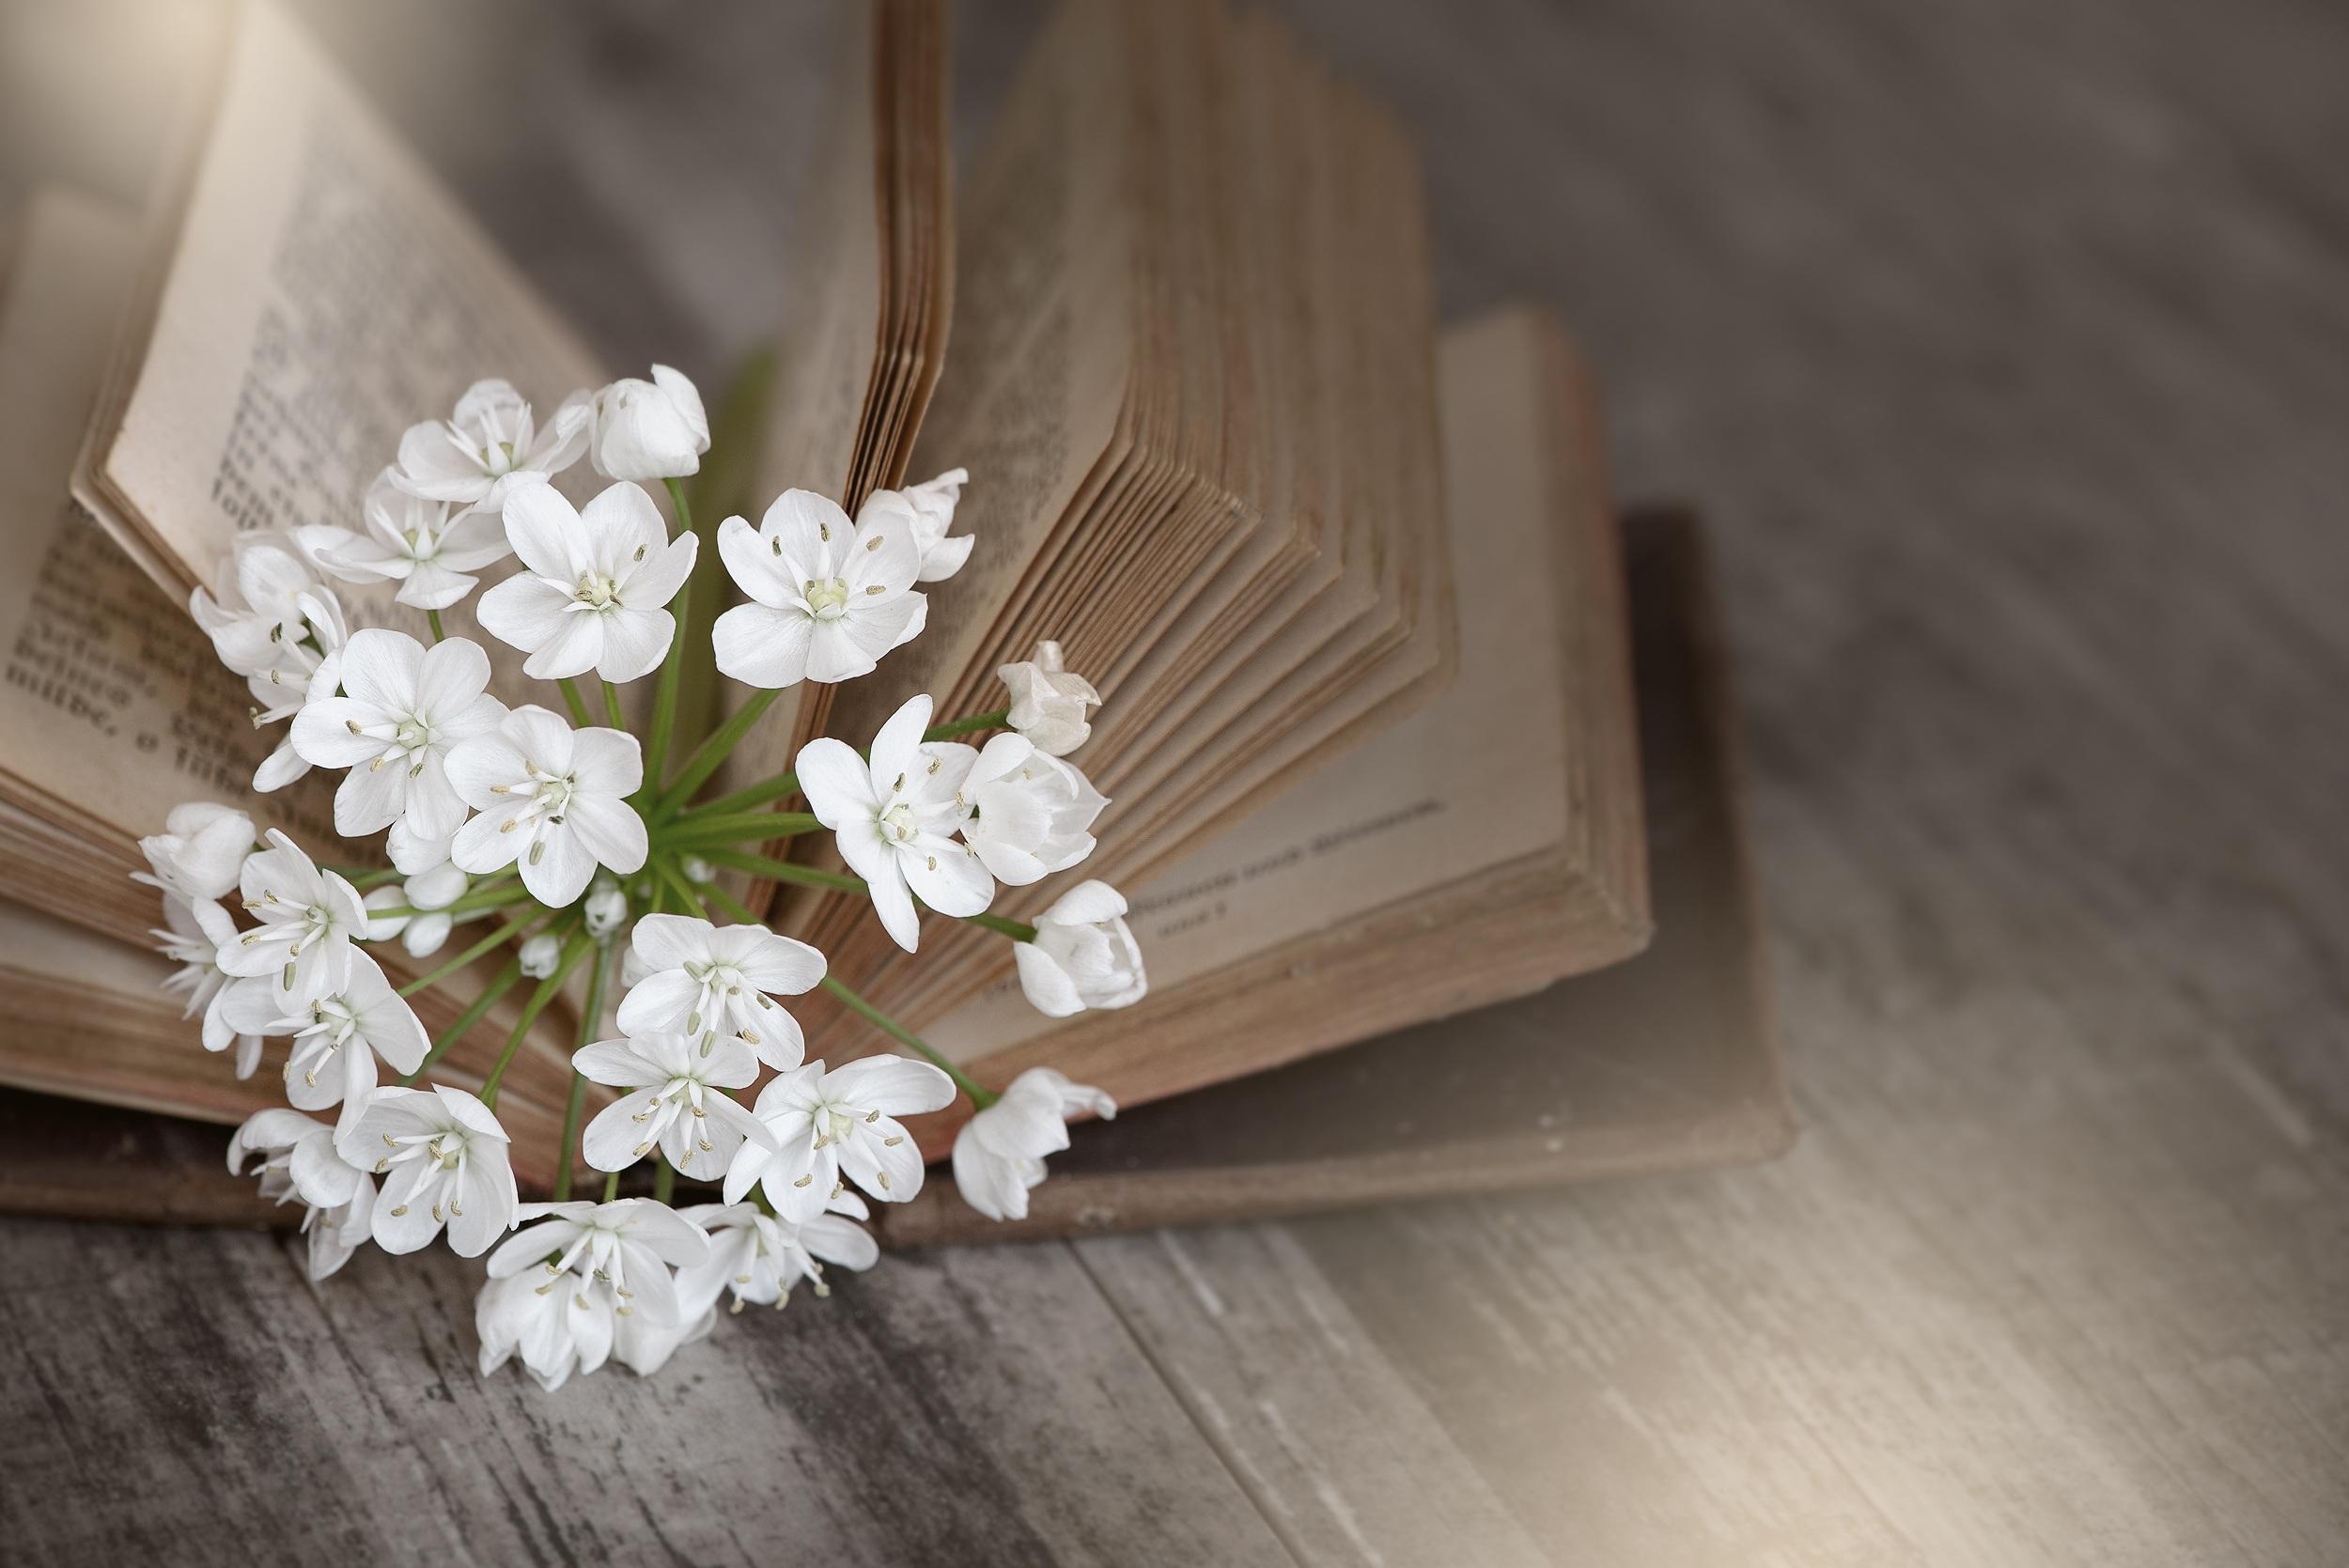 Flowers n book photo